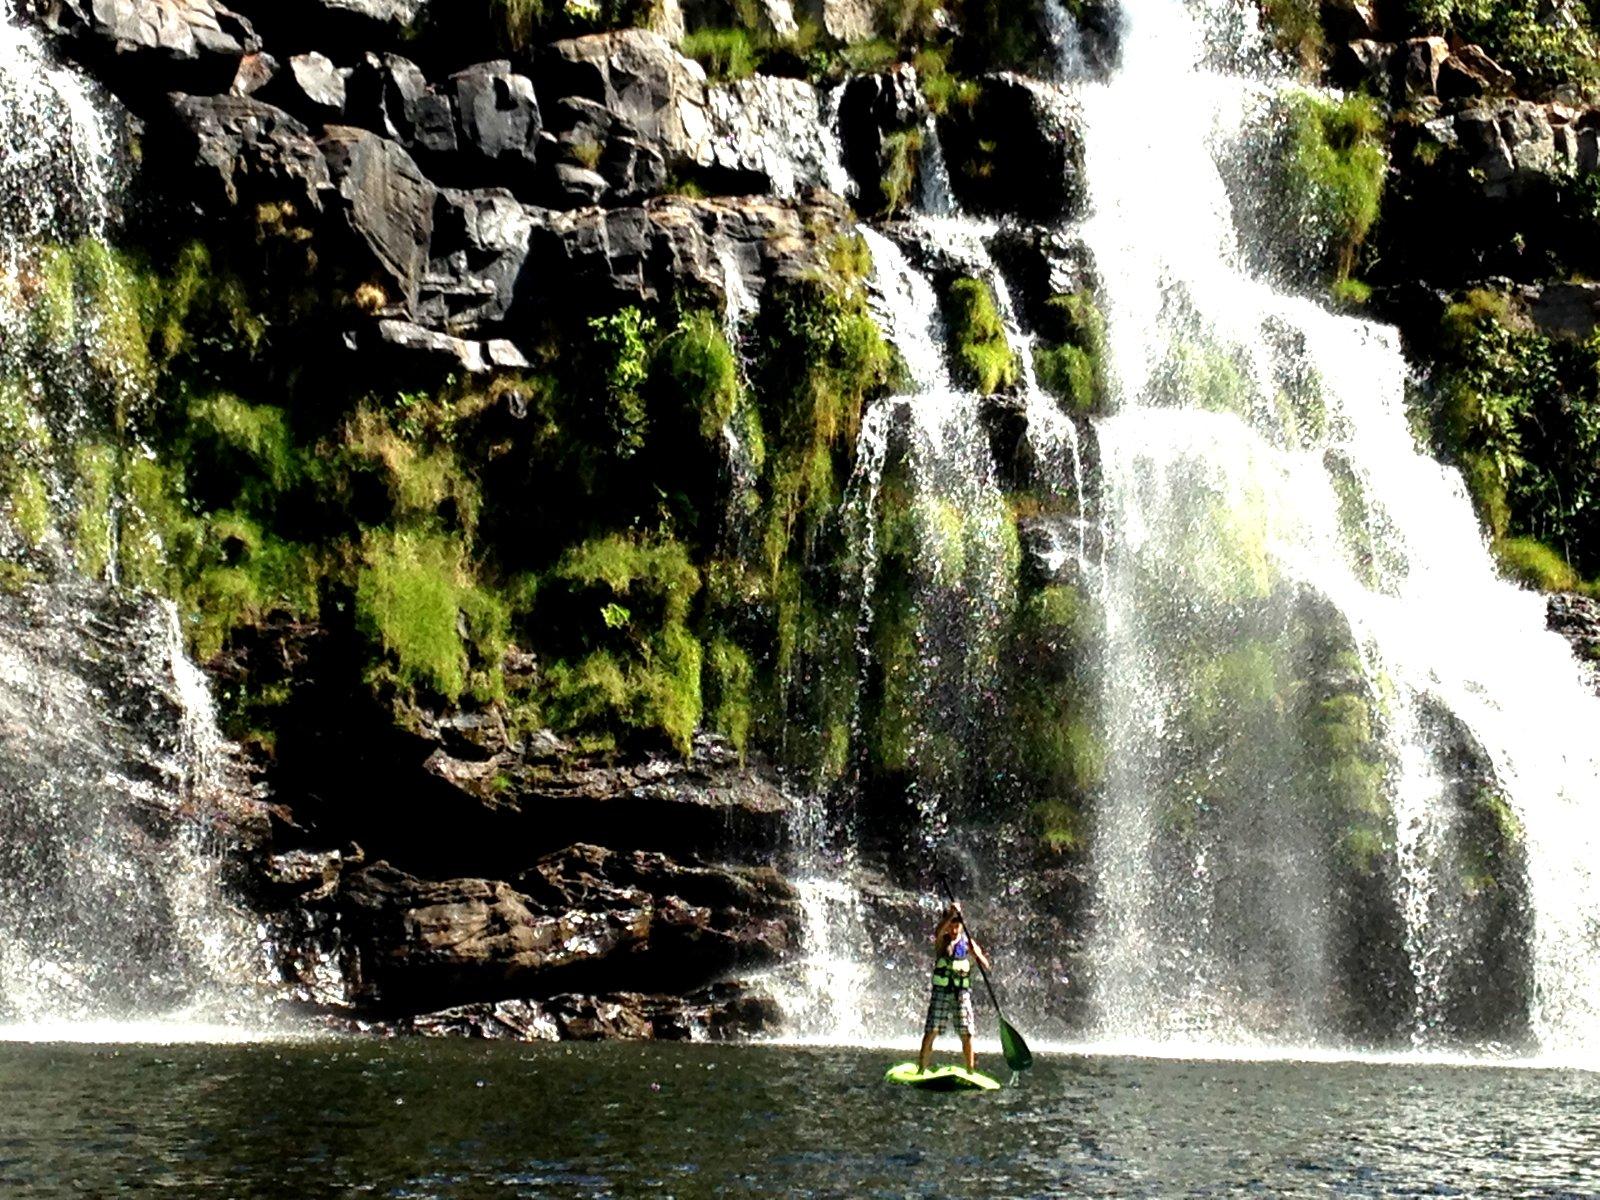 Dicas para fazer ecoturismo com crianças - www.viajarhei.com